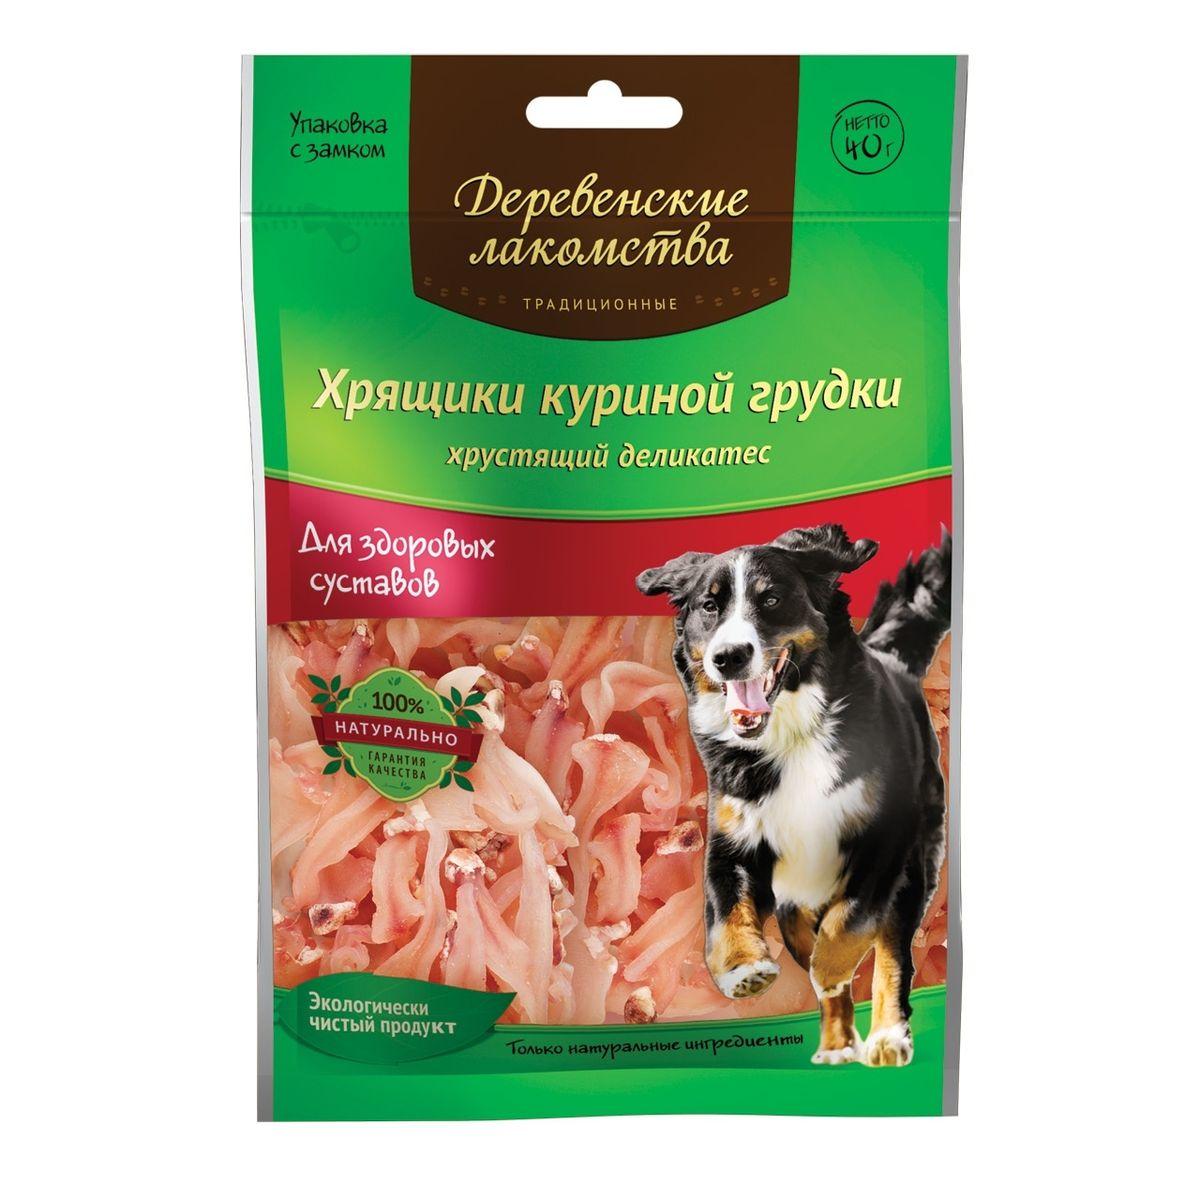 Лакомство для собак Деревенские лакомства Традиционные, хрящики куриной грудки, 40 г54213Эксклюзивное угощение для собак. Большое количество витаминов и минералов, которые так необходимы для крепких суставов. Идеально подходят для дрессировки.Состав: 100% хрящ куриный.Гарантированные показатели на 100 г продукта:белок — 45,00 г,жир — 1,50 г,влага — 20,00 г,клетчатка — 0,20 г,зола — 3,50 г.Энергетическая ценность в 100 г продукта: 345 ккал. Товар сертифицирован.